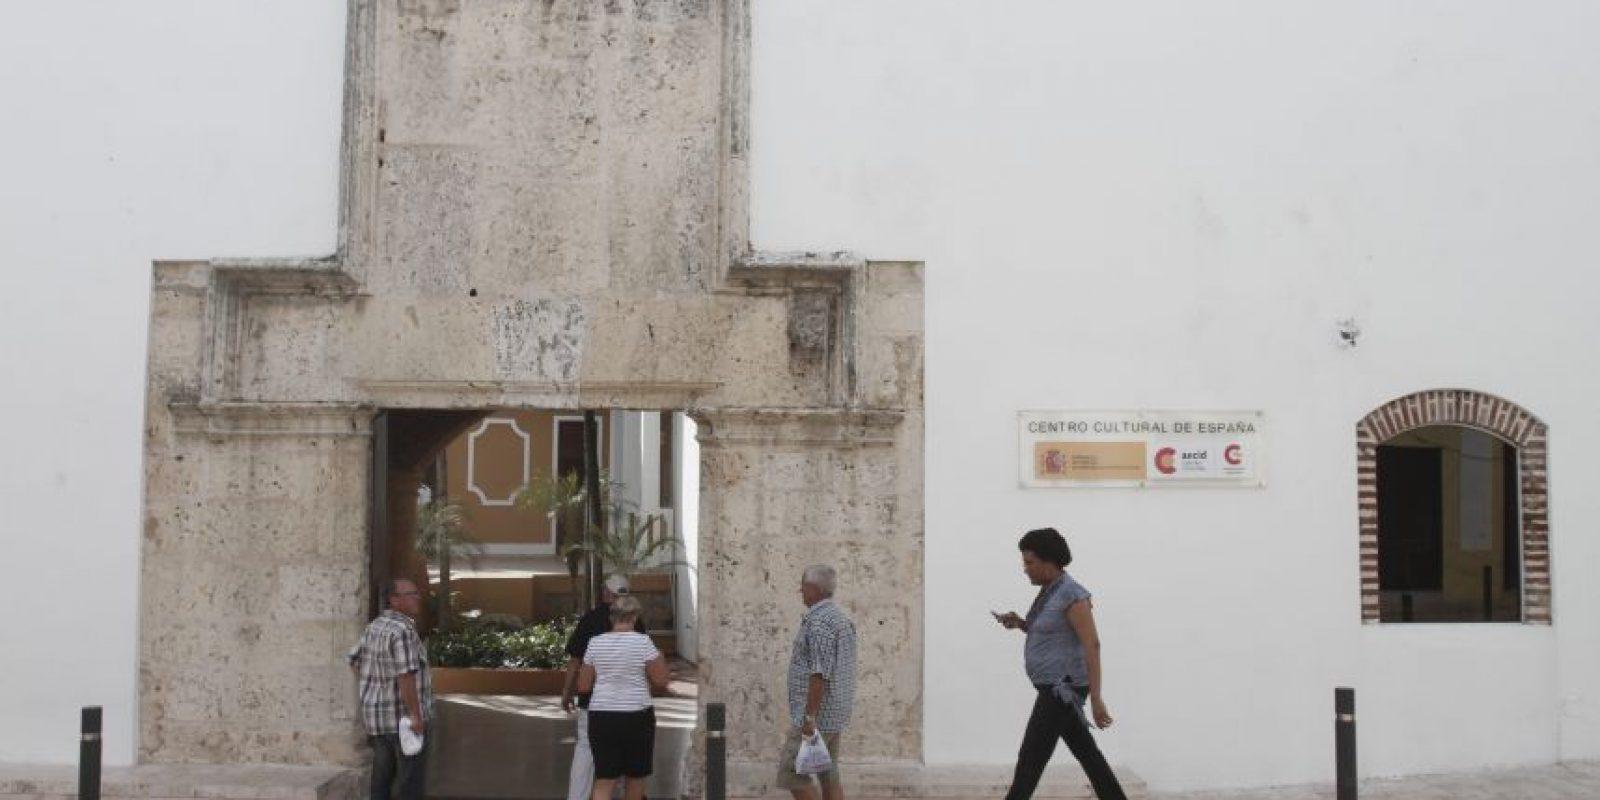 Sus inicios. Este refugio del arte y cultura nace en el año de 1990 bajo el nombre de Instituto Dominicanode Cultura Hispánica. Luego cambió el nombre a Centro Cultural Hispánico hasta llegar a sunombre actual, Centro Cultural de España en Santo Domingo CCESD. Forma parte de la Red deCentros Culturales de la Agencia Española de Cooperación Internacional para el Desarrollo,conocido por sus siglas como AECID. Su construcción data del período colonial dominicano yalberga interesantes elementos arquitectónicos en su estructura, los cuales constituyen untestimonio de gran valor histórico y arquitectónico.